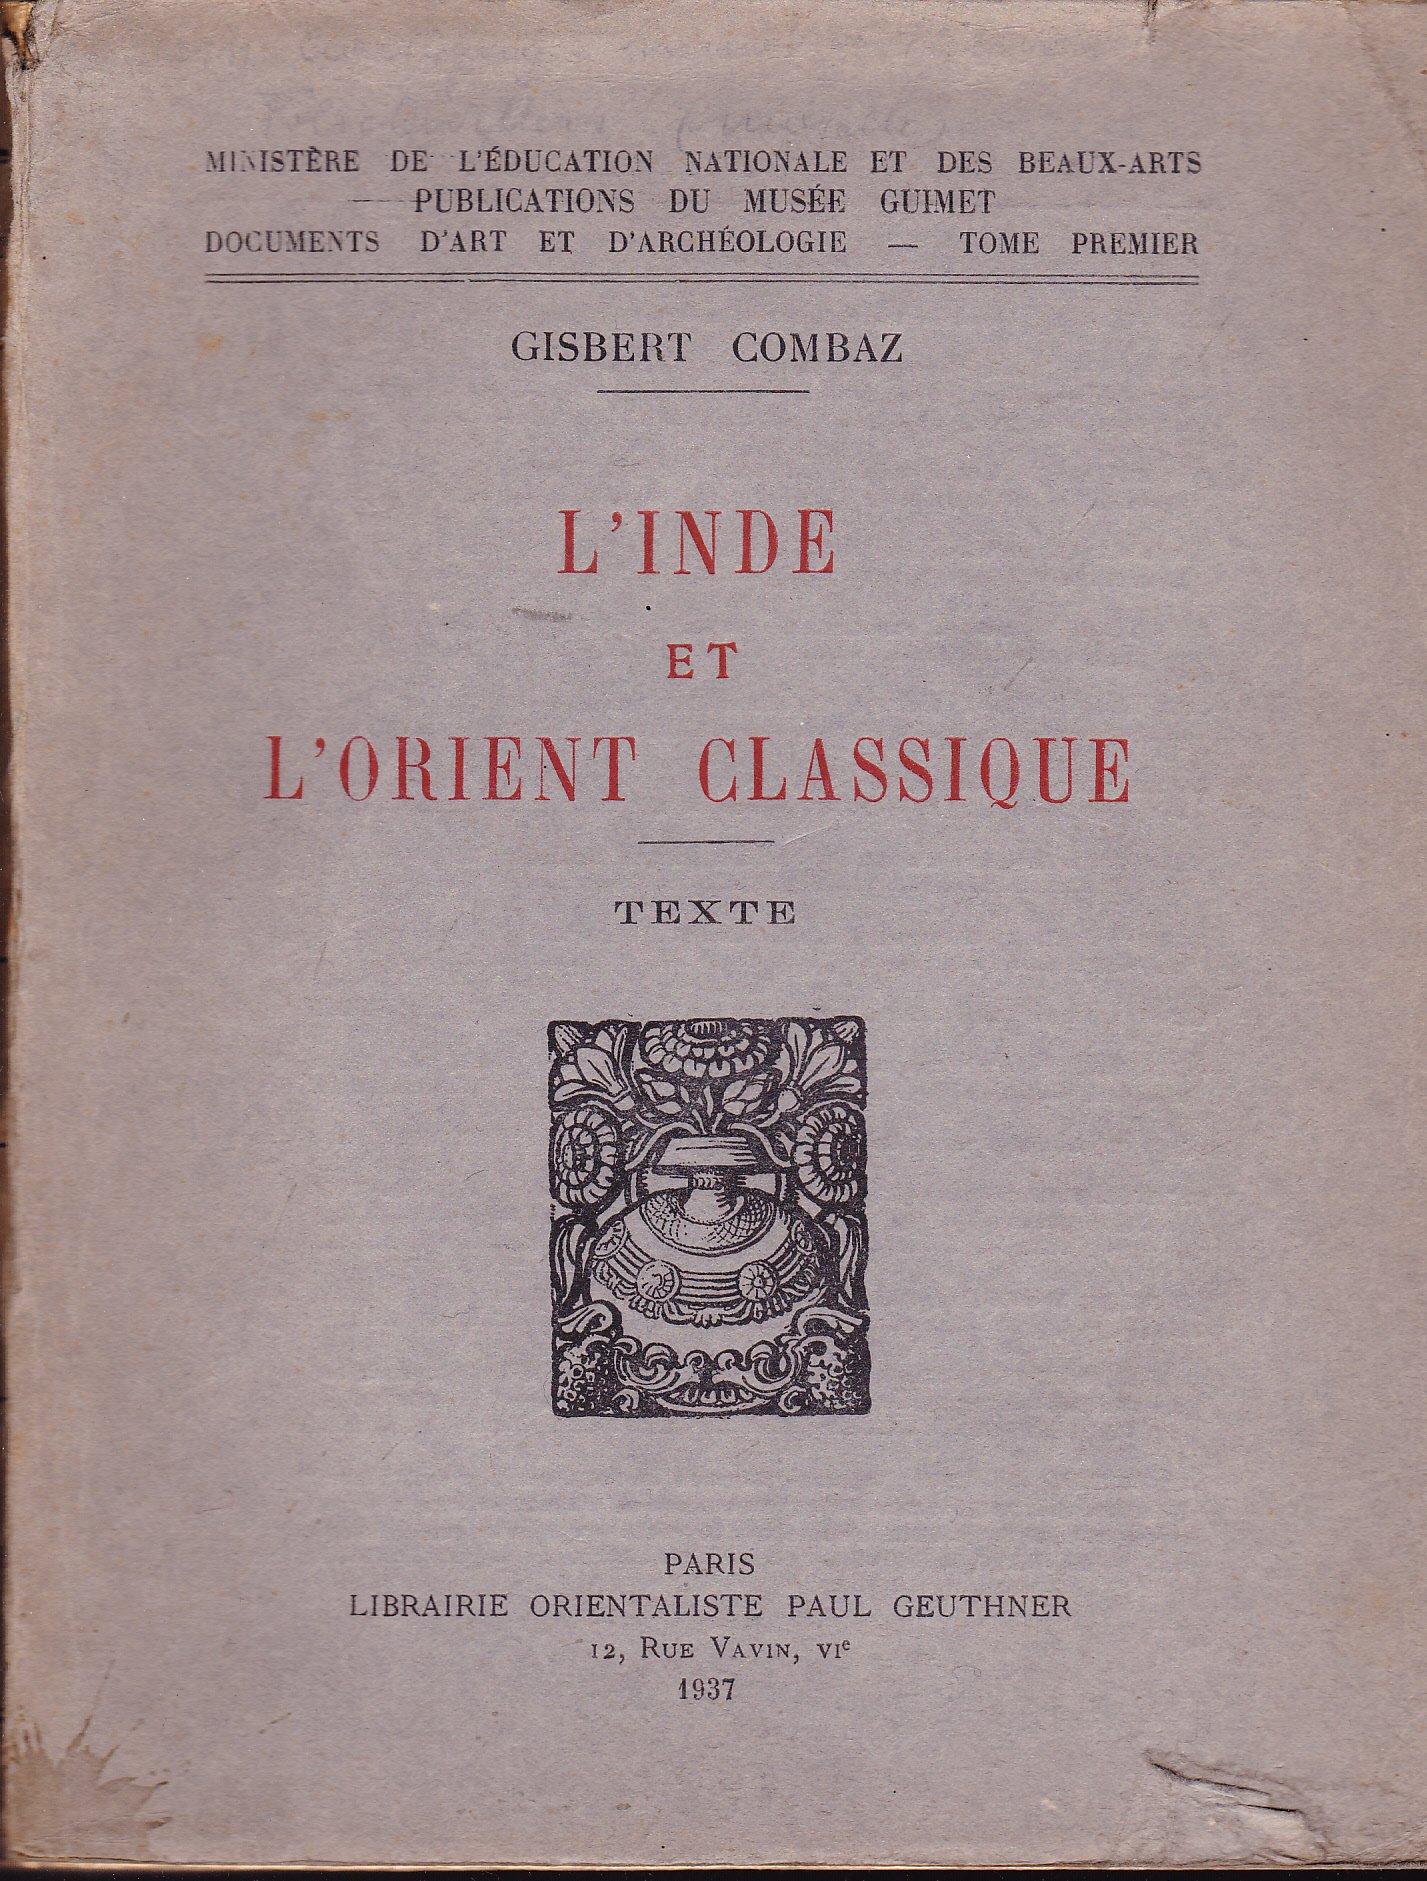 Linde et Lorient Classique: Gisbert Combaz: Amazon.com: Books